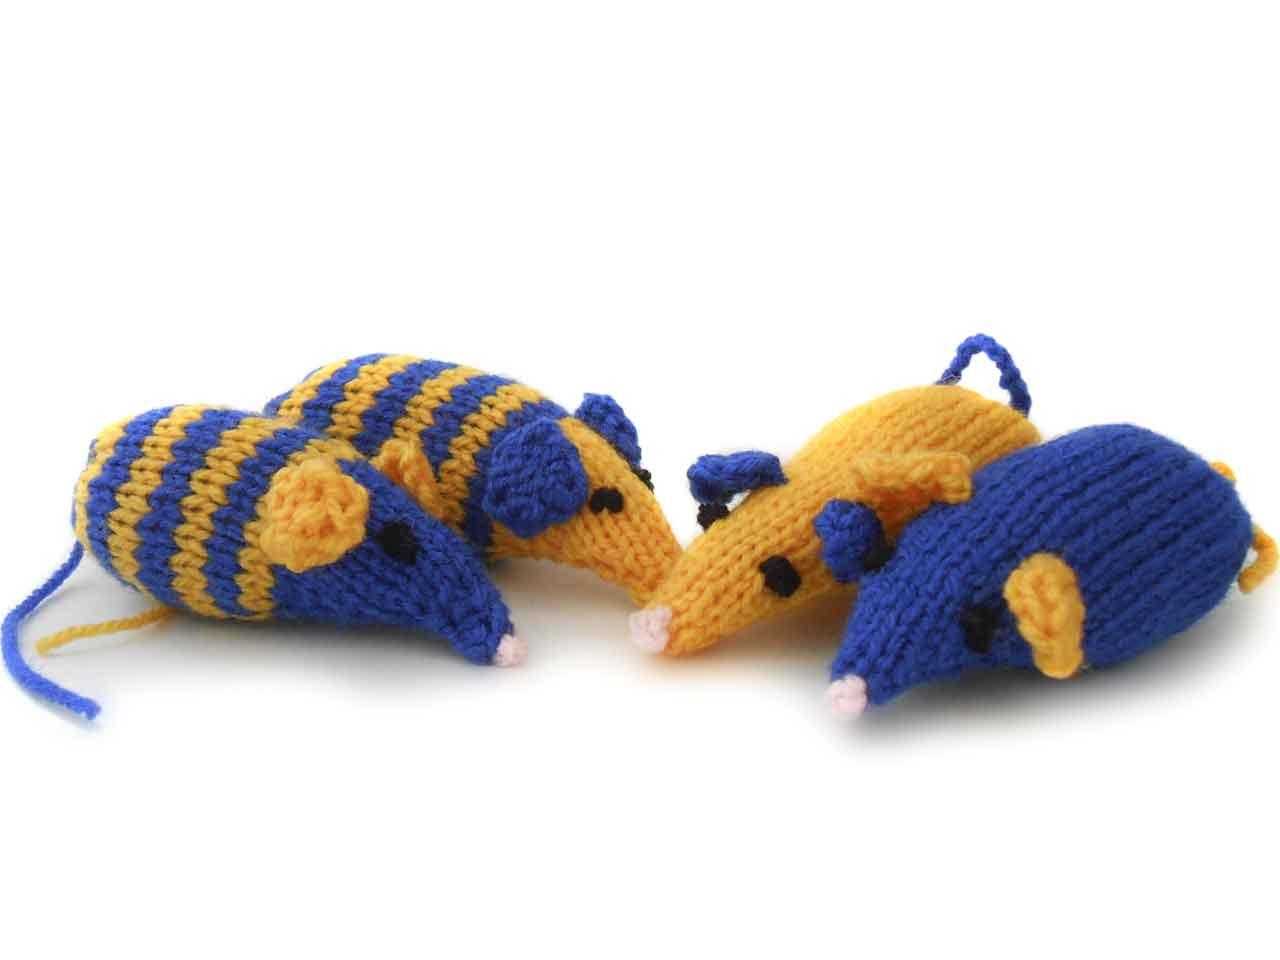 Knitted catnip mice - Saga